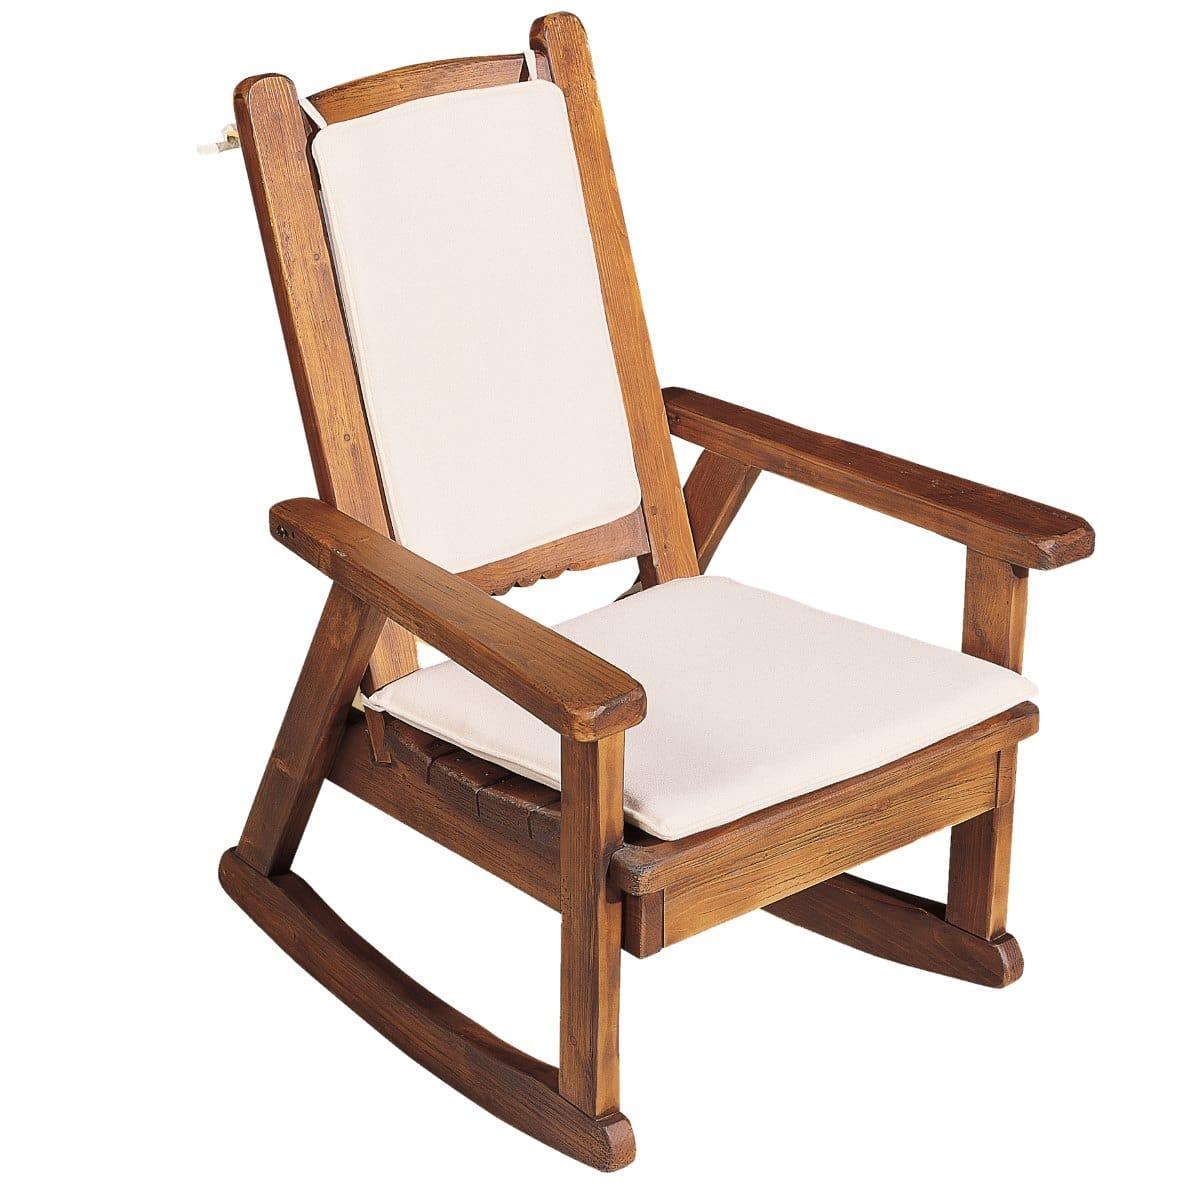 Mecedora r stica de madera ecor stico venta de muebles - Mecedora diseno ...